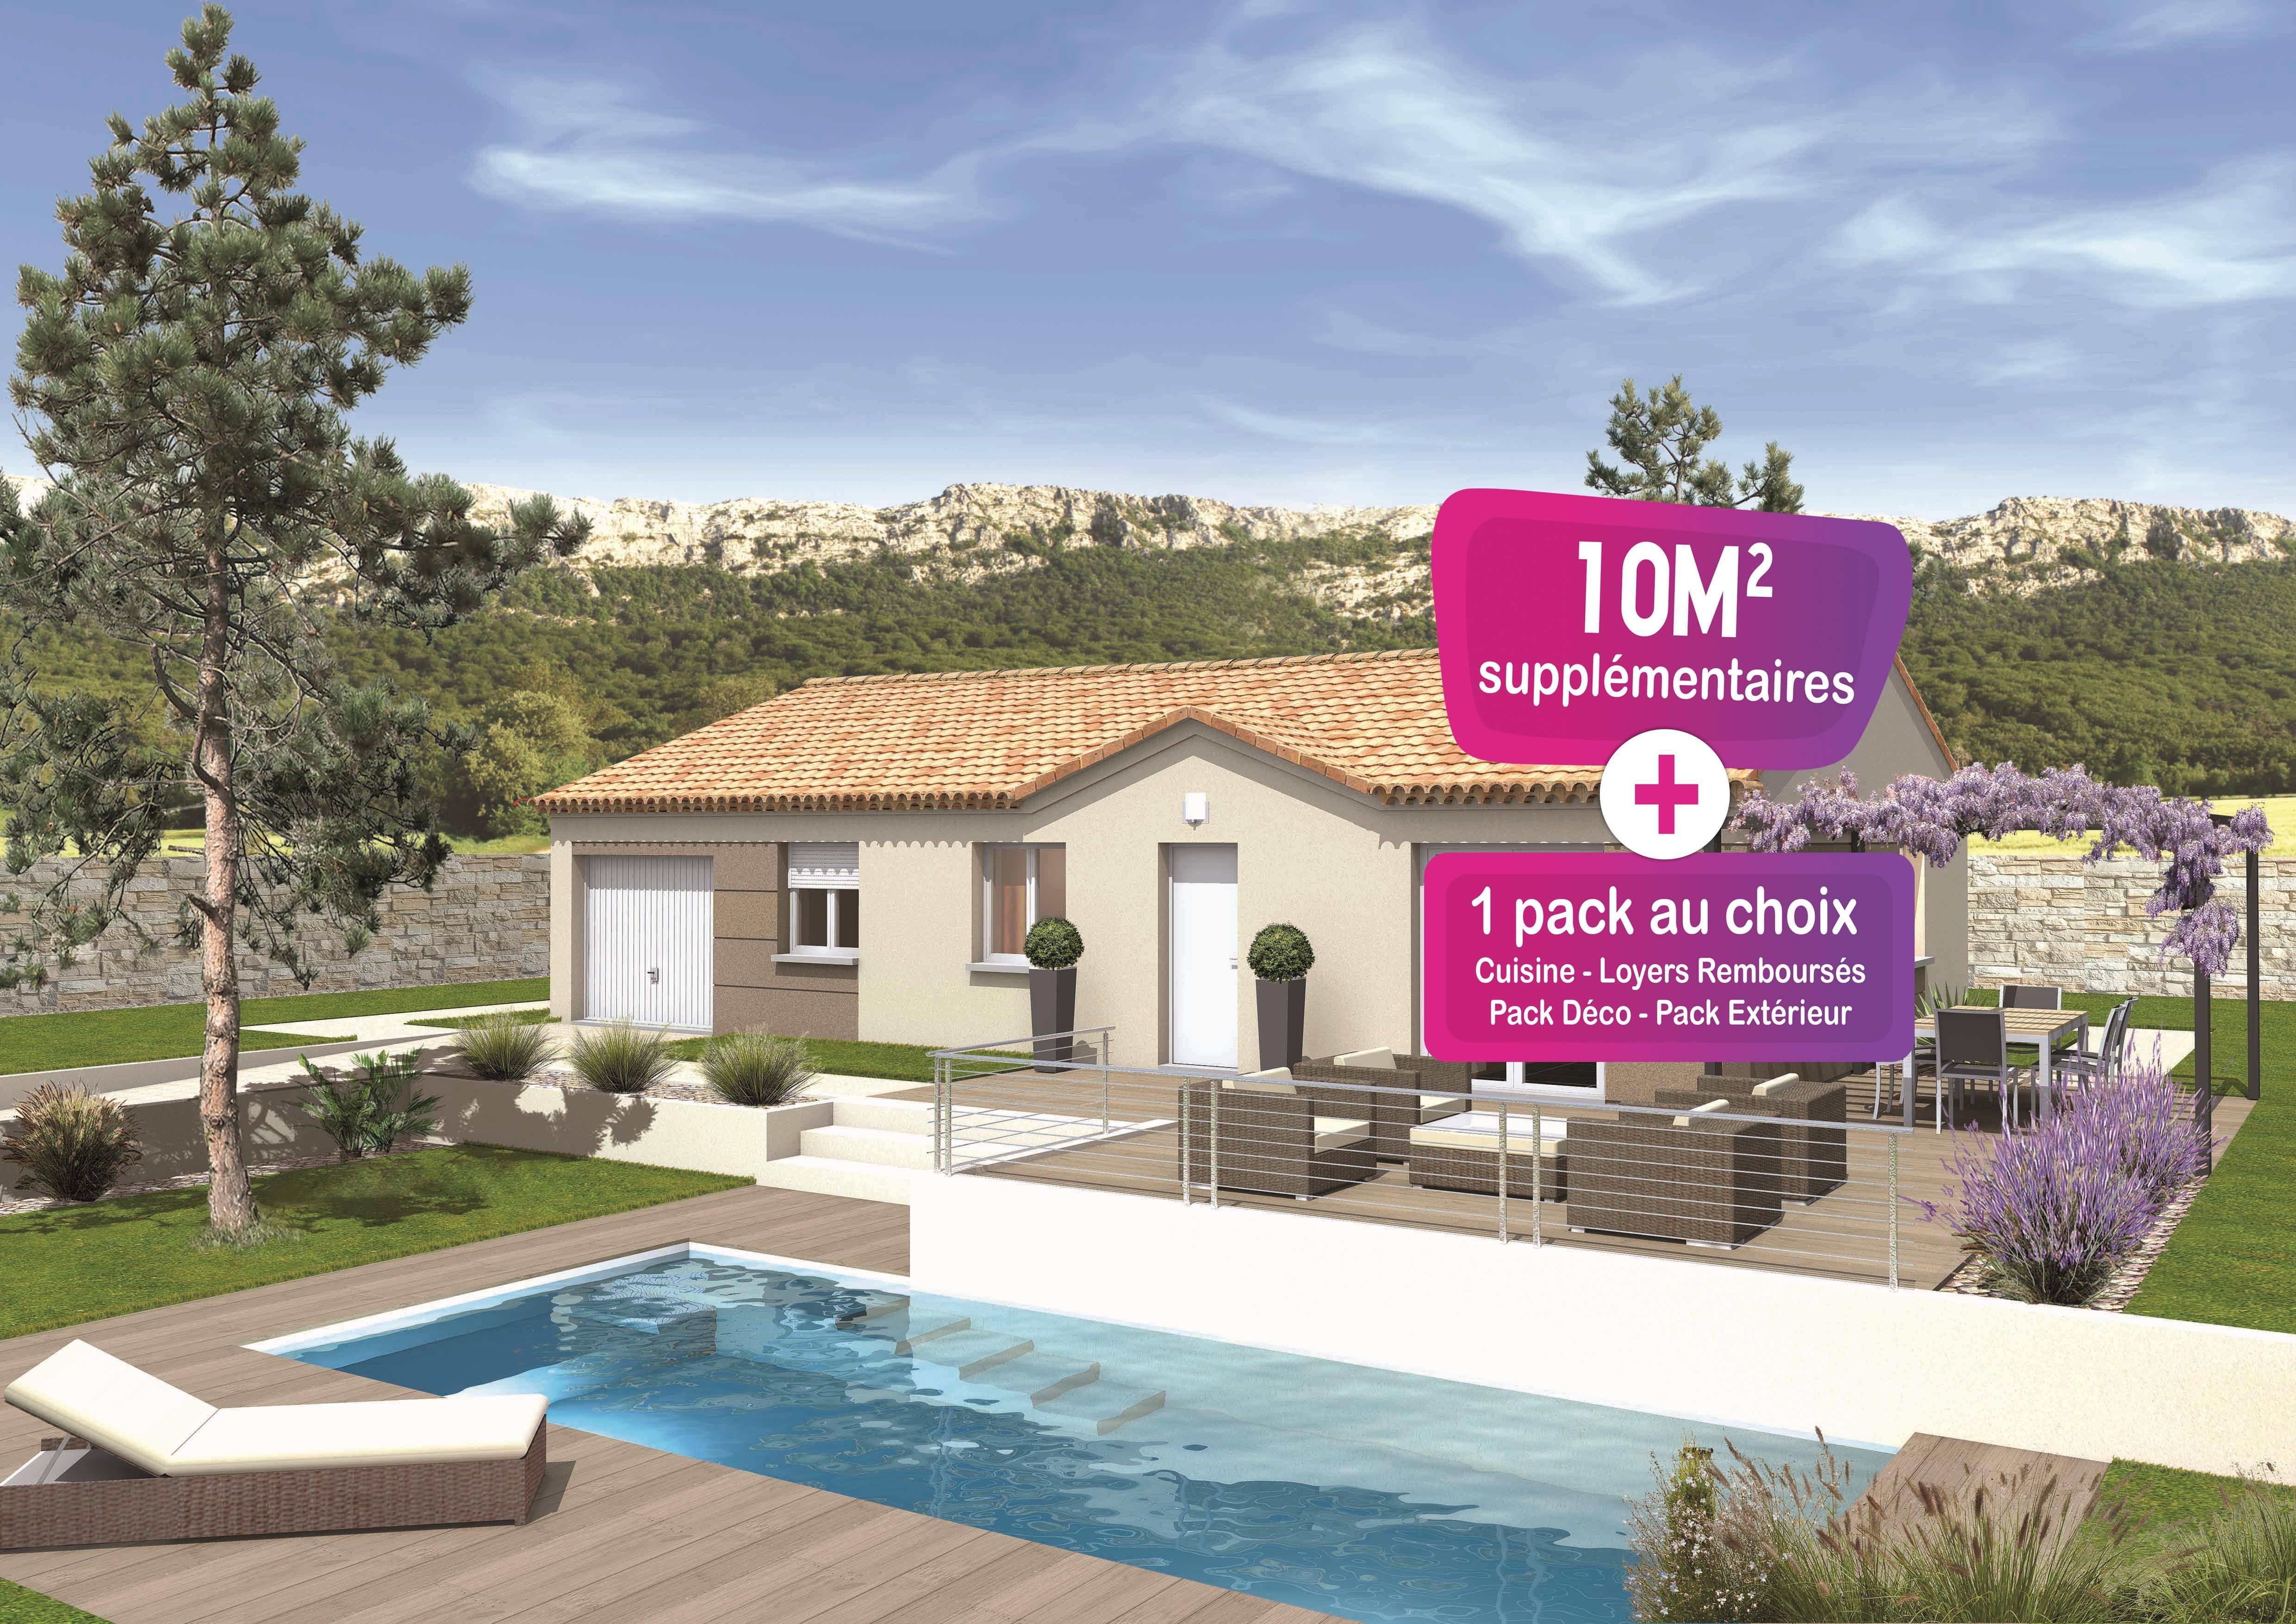 Maisons + Terrains du constructeur MAISONS PUNCH • 78 m² • CARPENTRAS